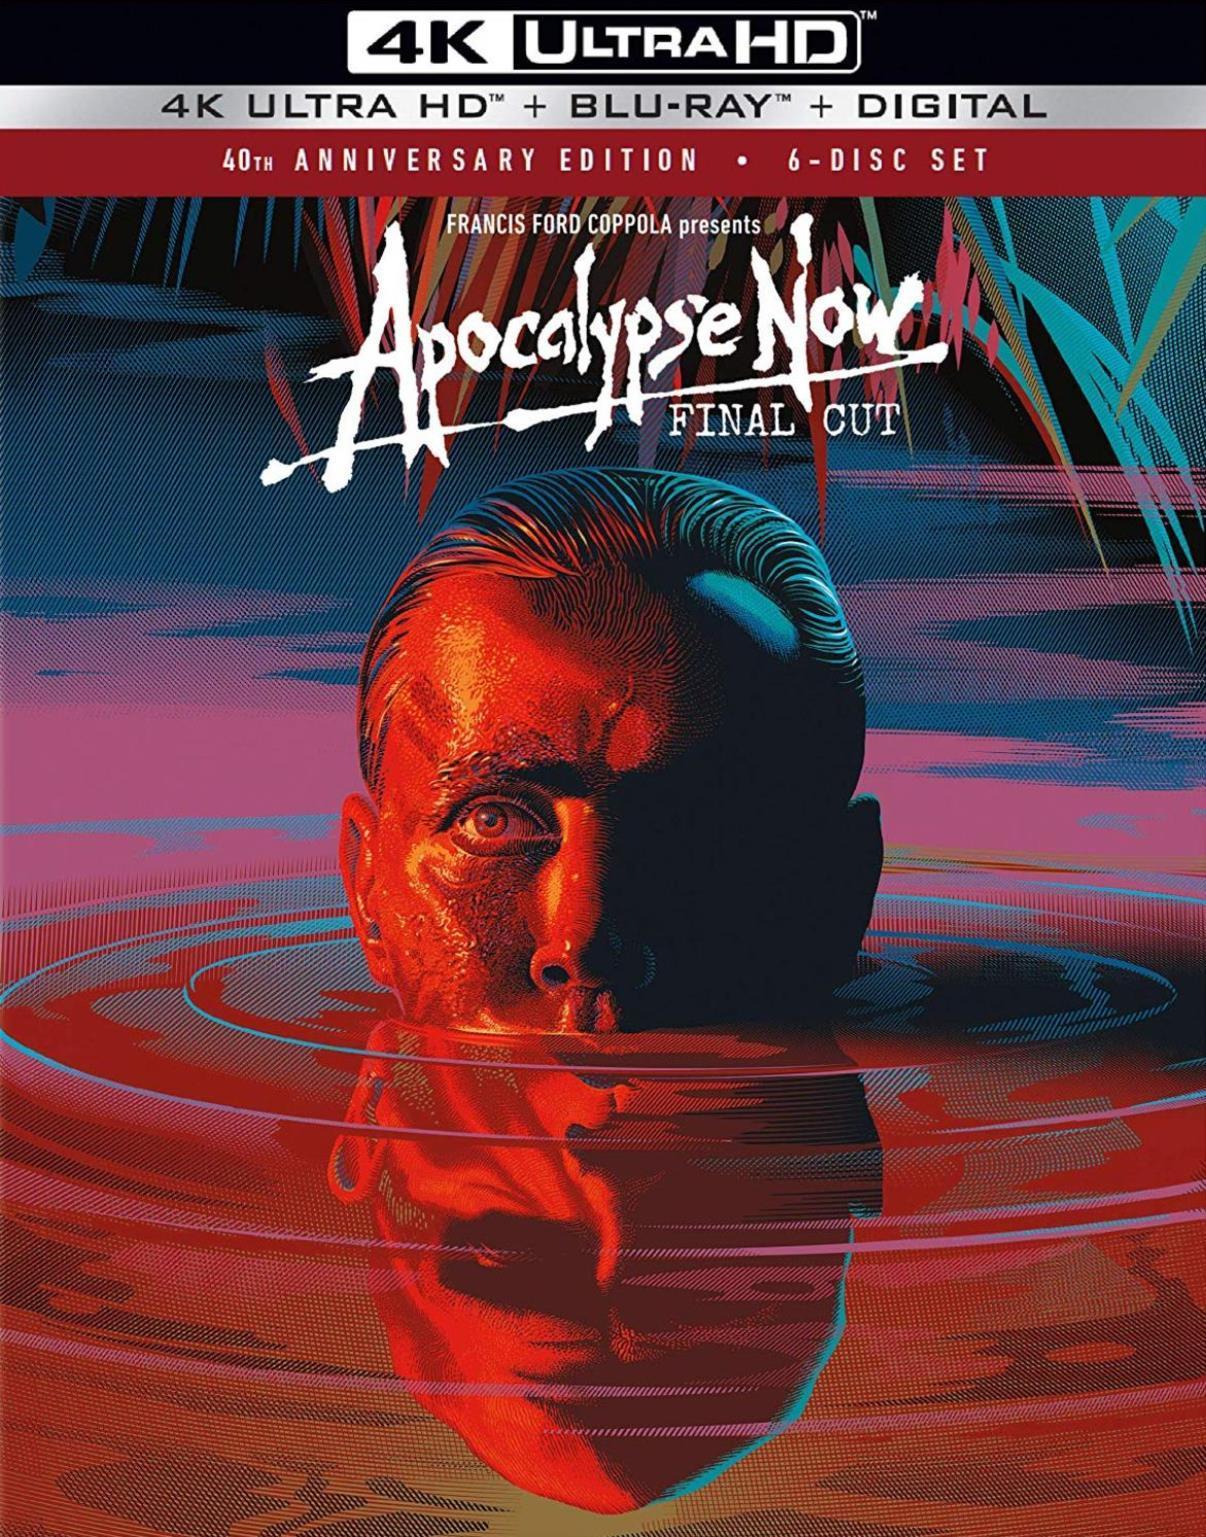 Apocalypse Now Final Cut 4K (1979) 4K Ultra HD